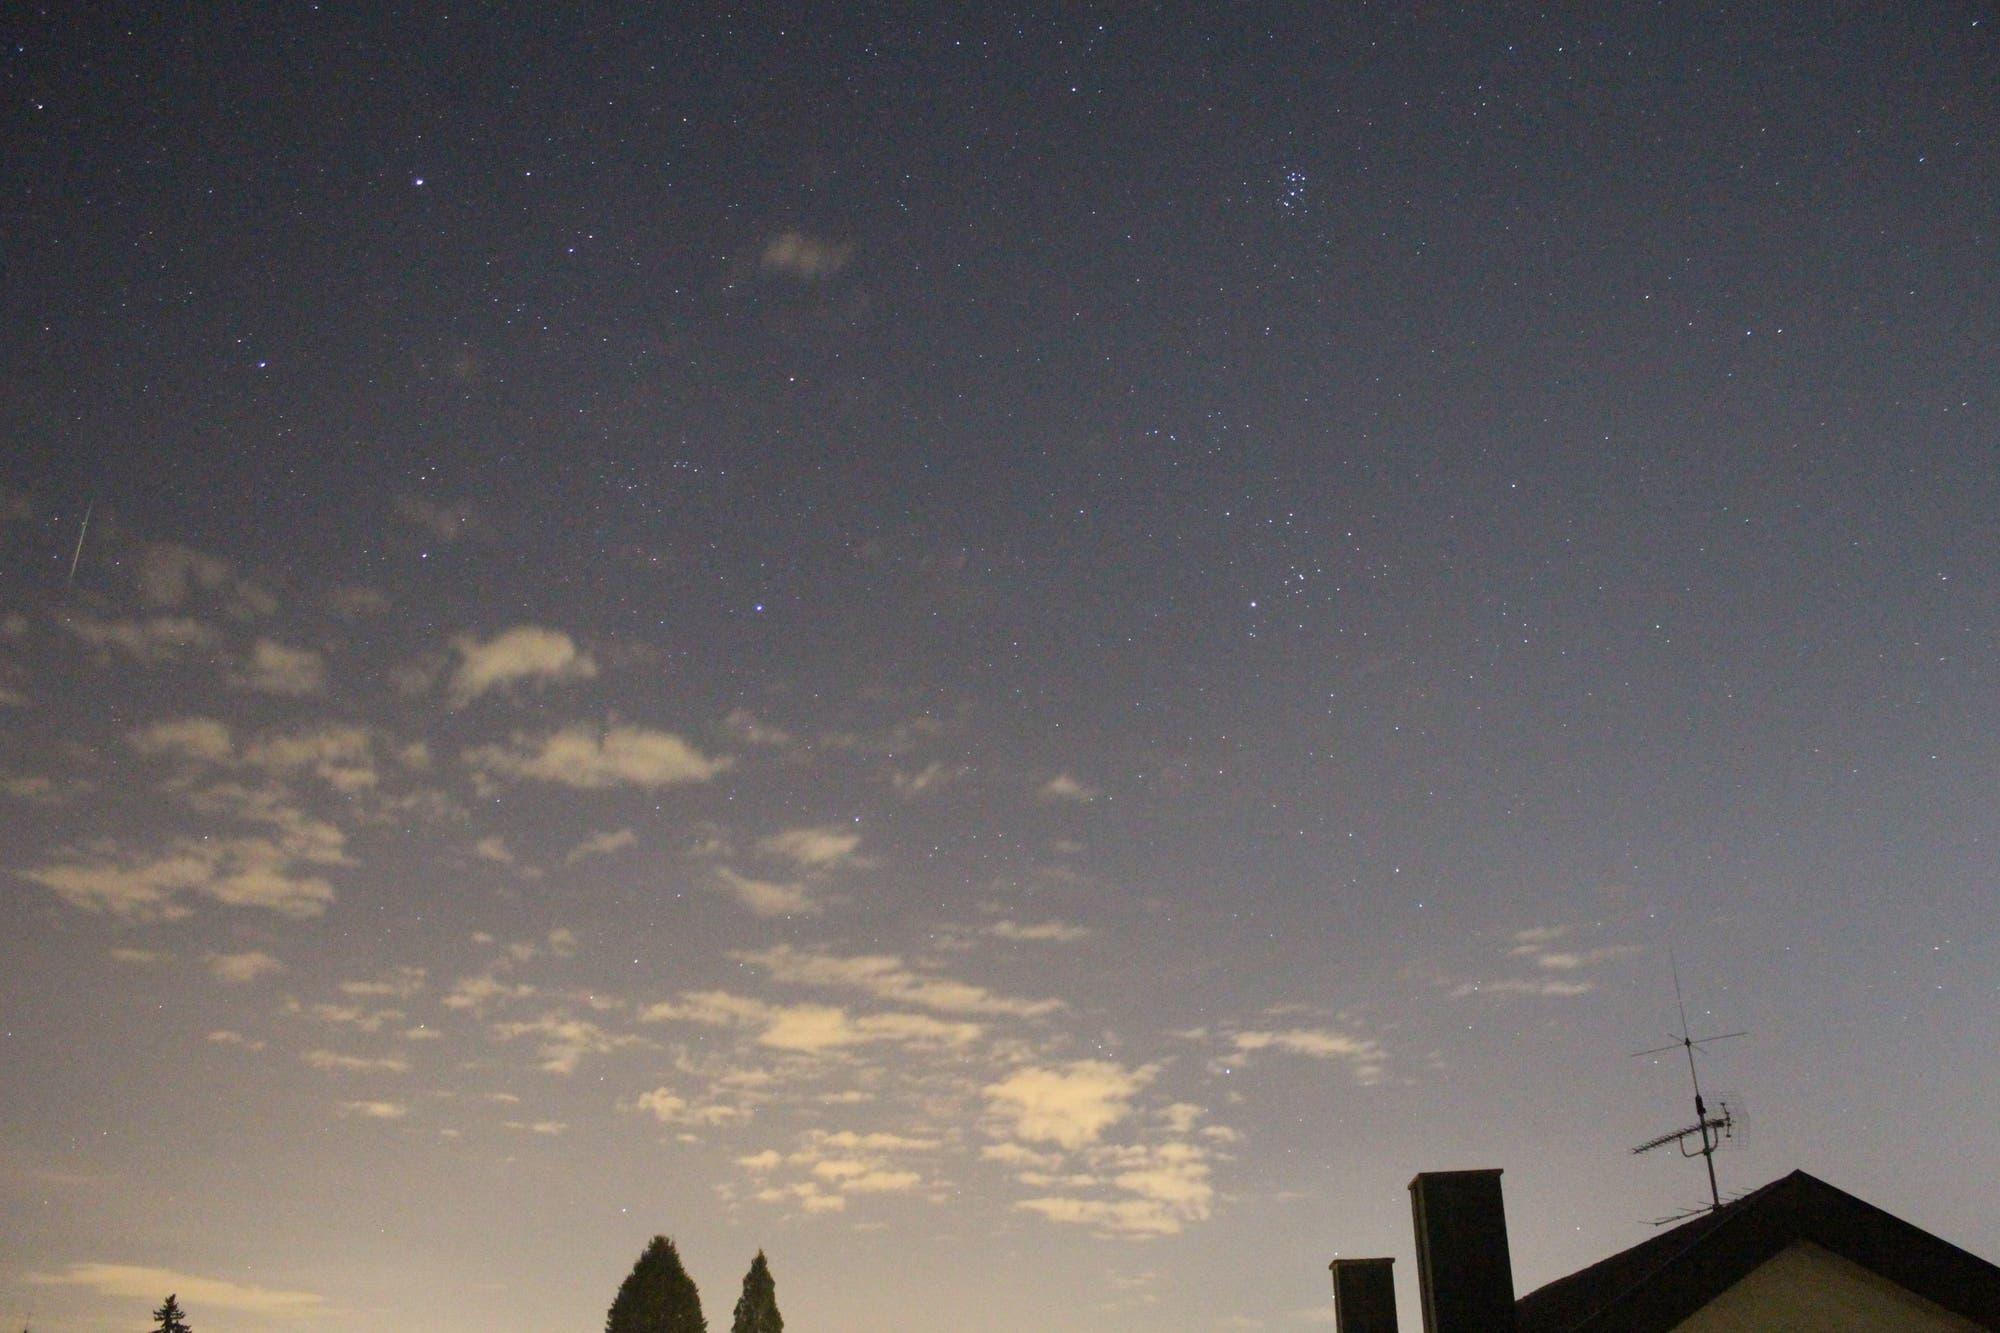 Sternschnuppe im Sternbild Fuhrmann